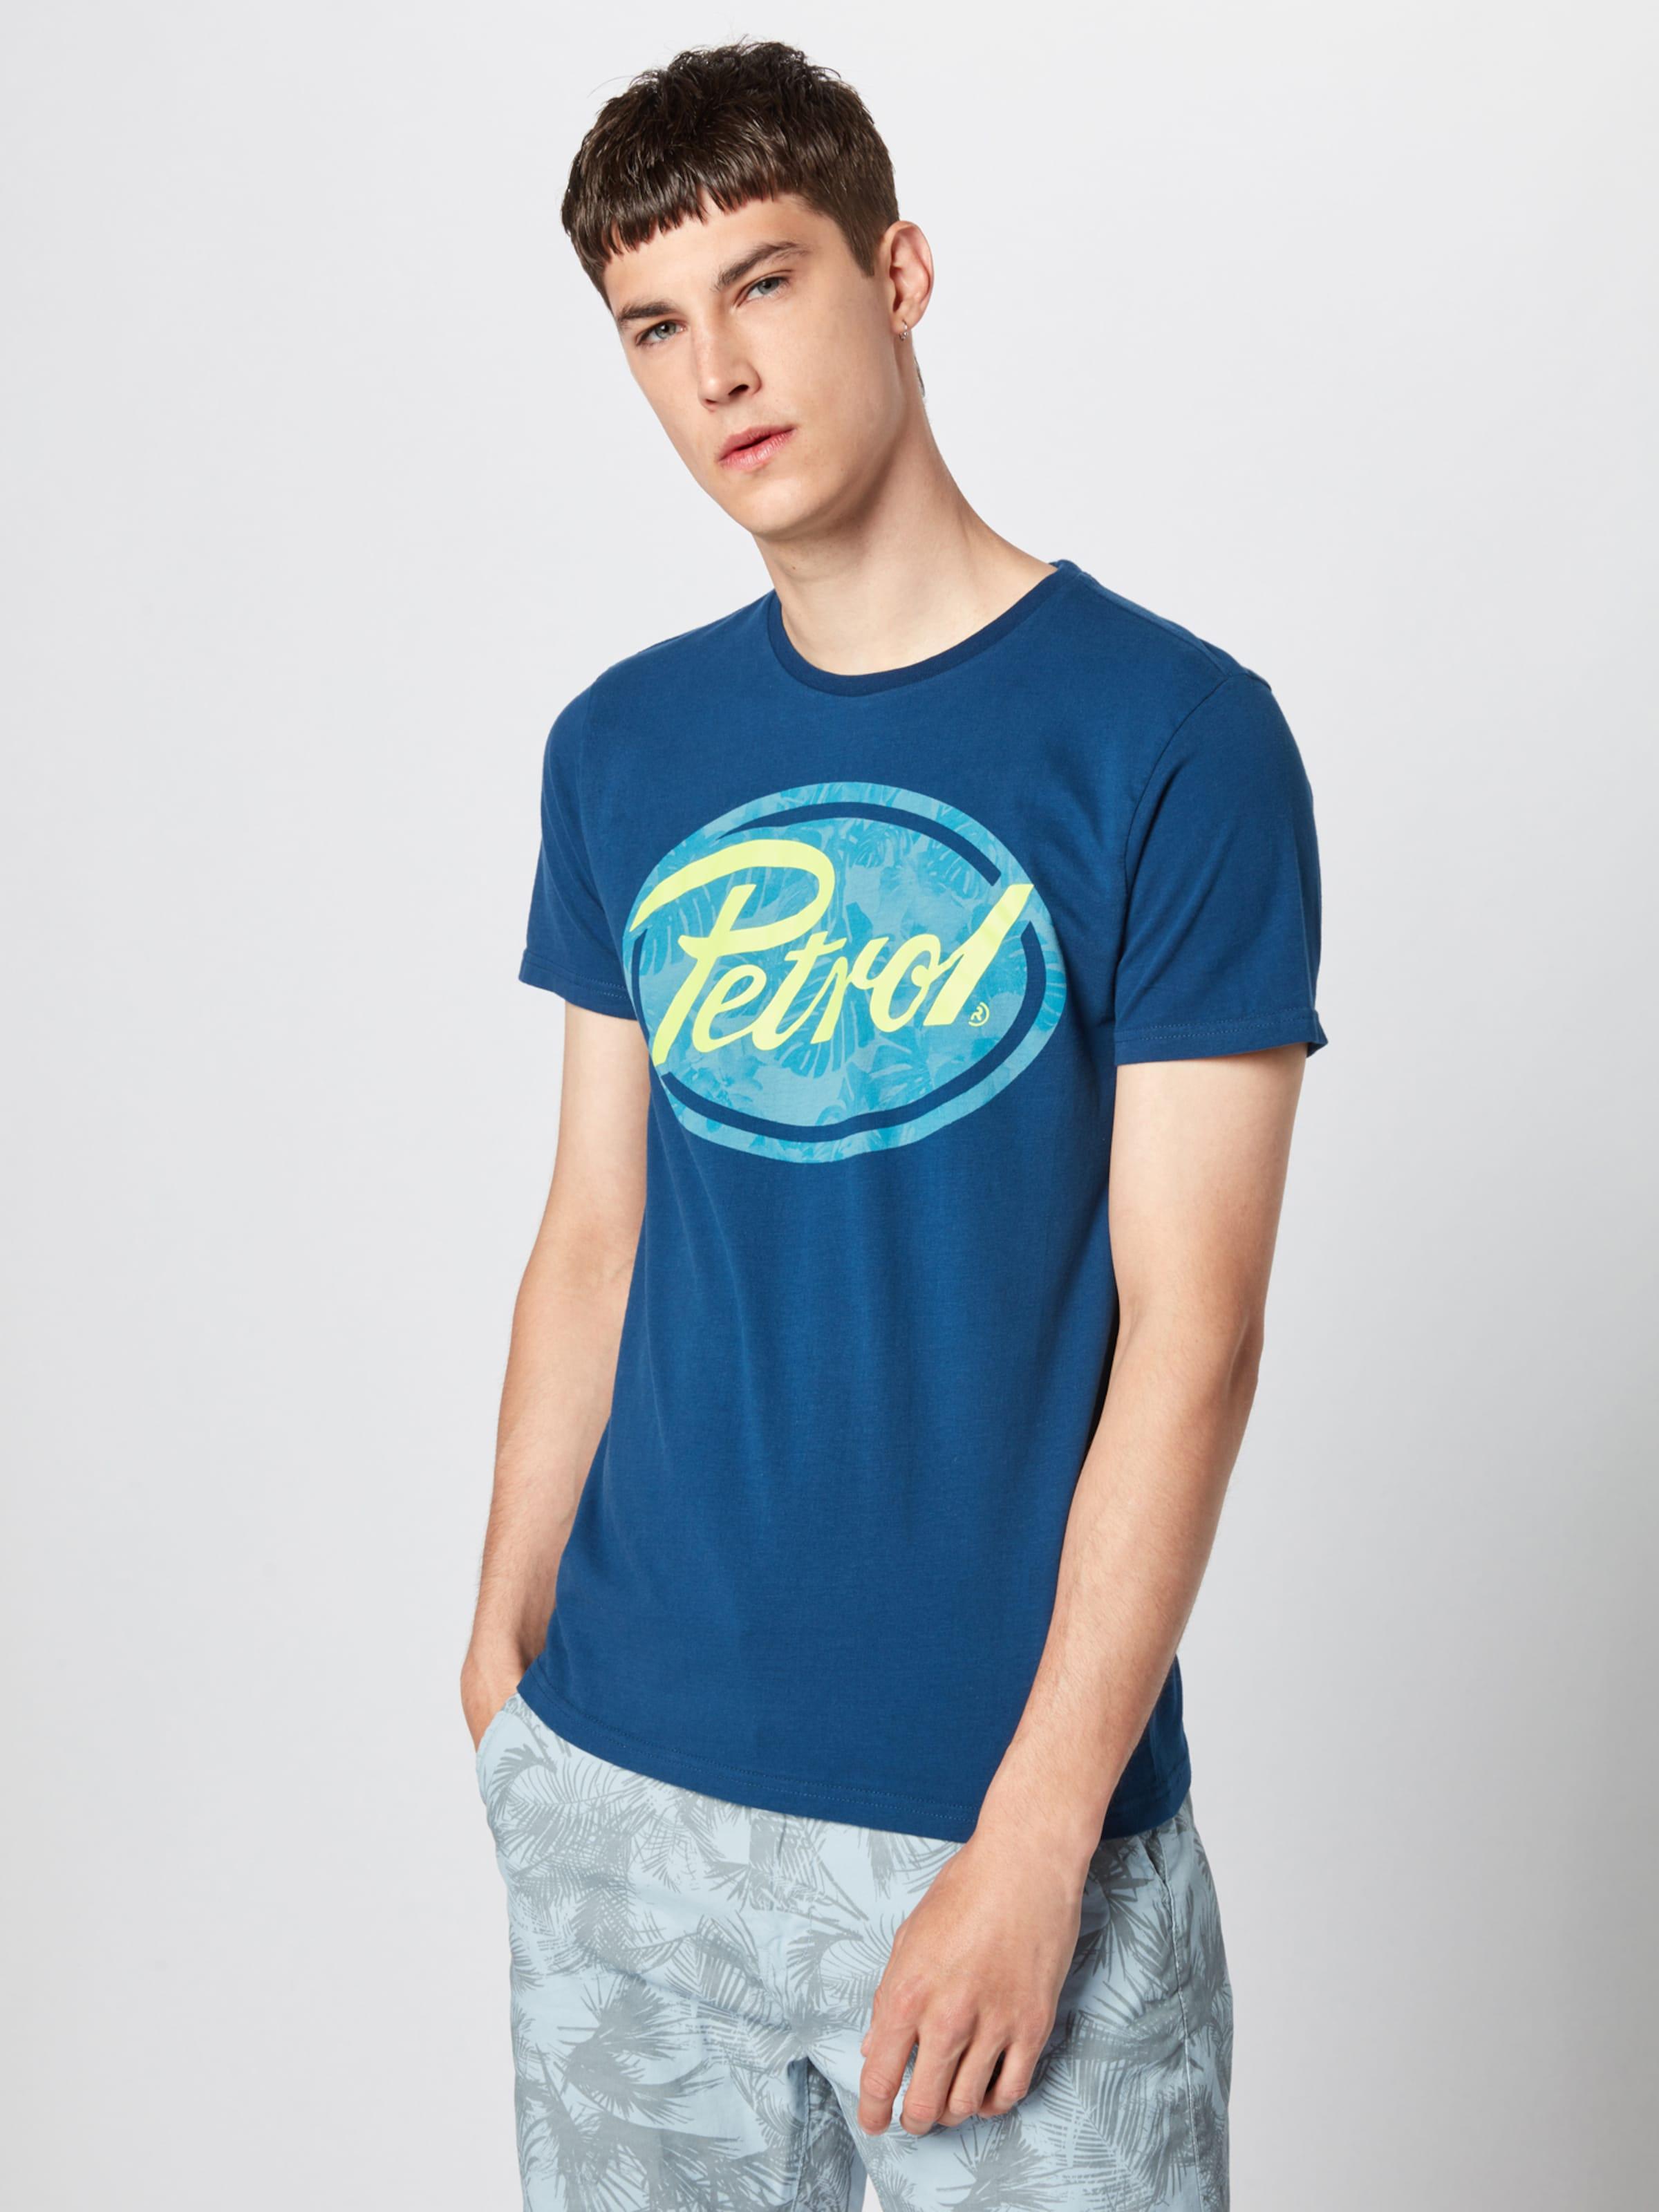 Petrol Industries shirt En Bleu FoncéJaune T sCxtQhrd